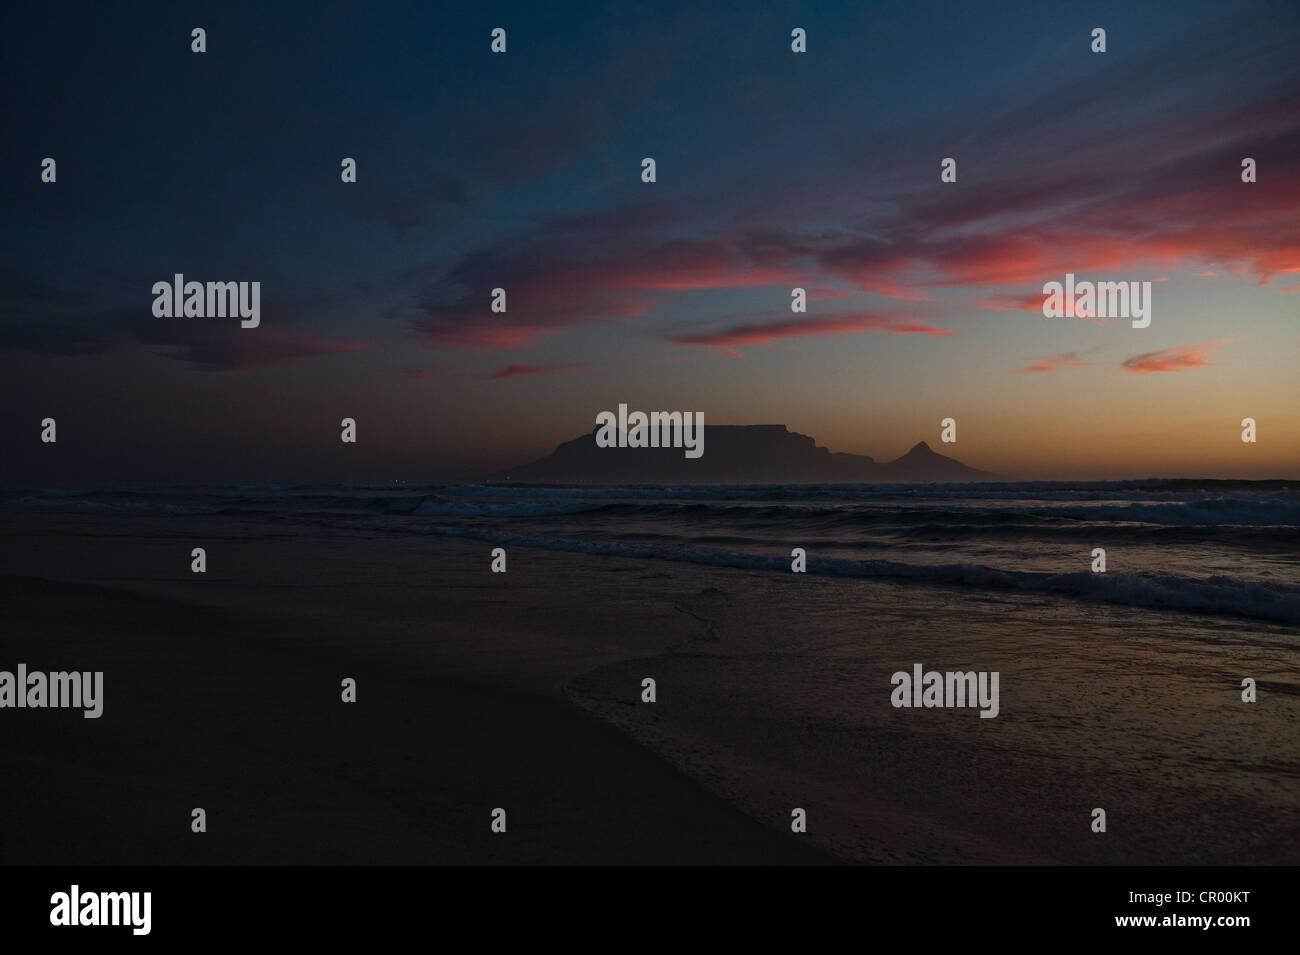 Sunset over deserted sandy beach - Stock Image